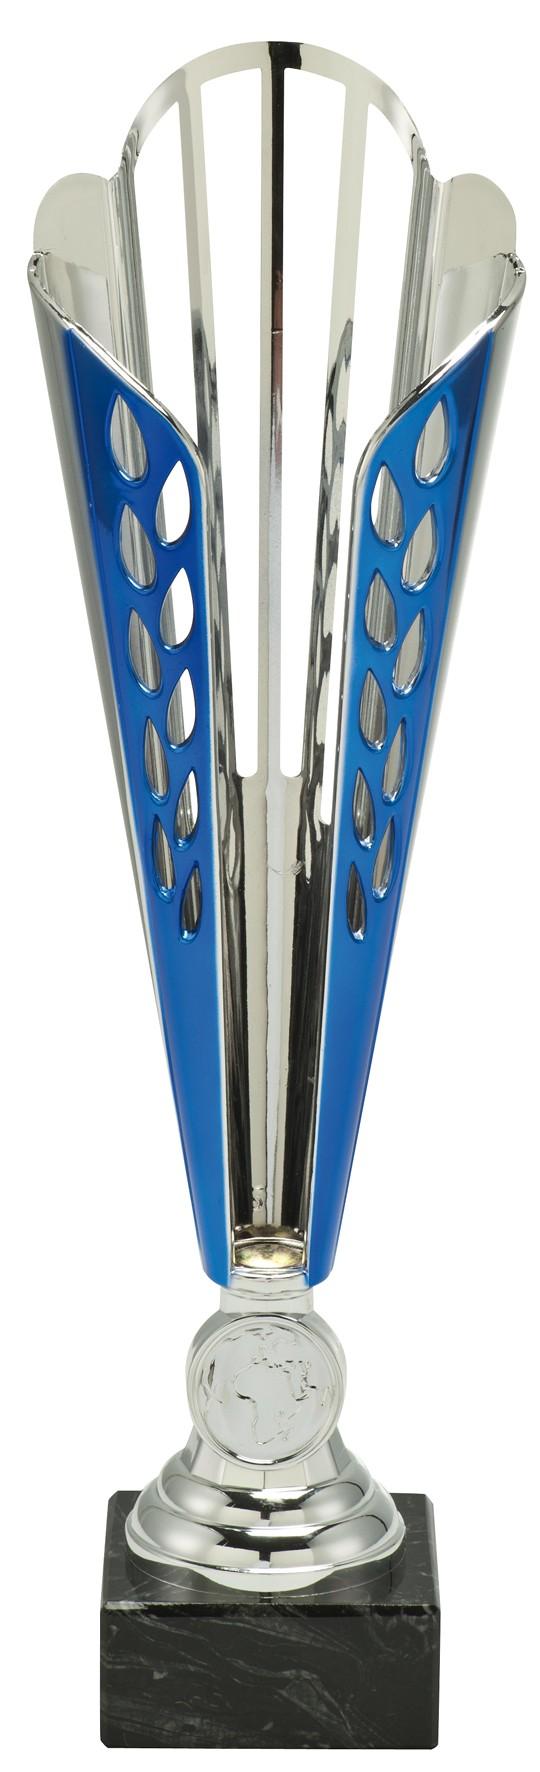 WX181 Serie Blauw-Zilver